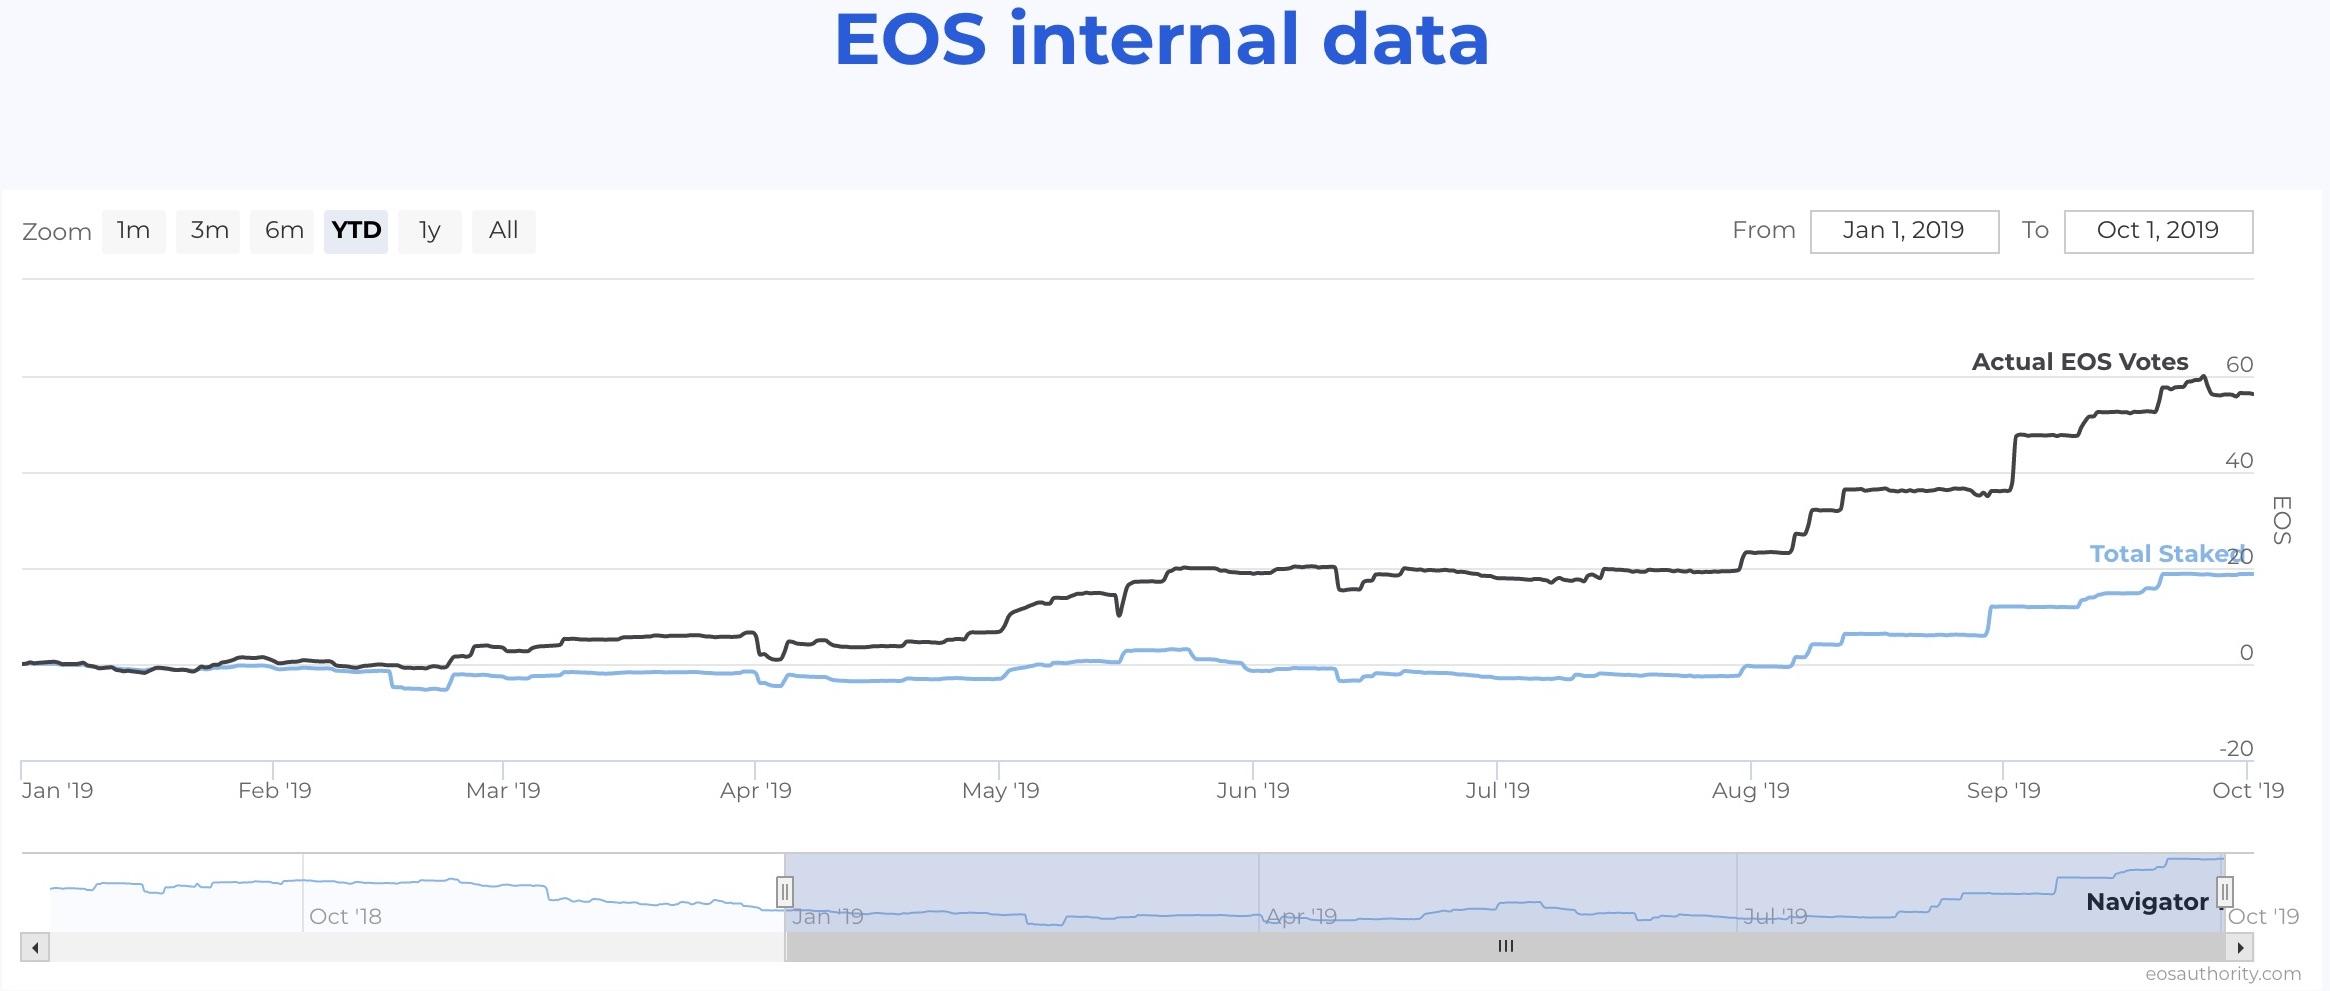 EOS voter turnout versus stake amount